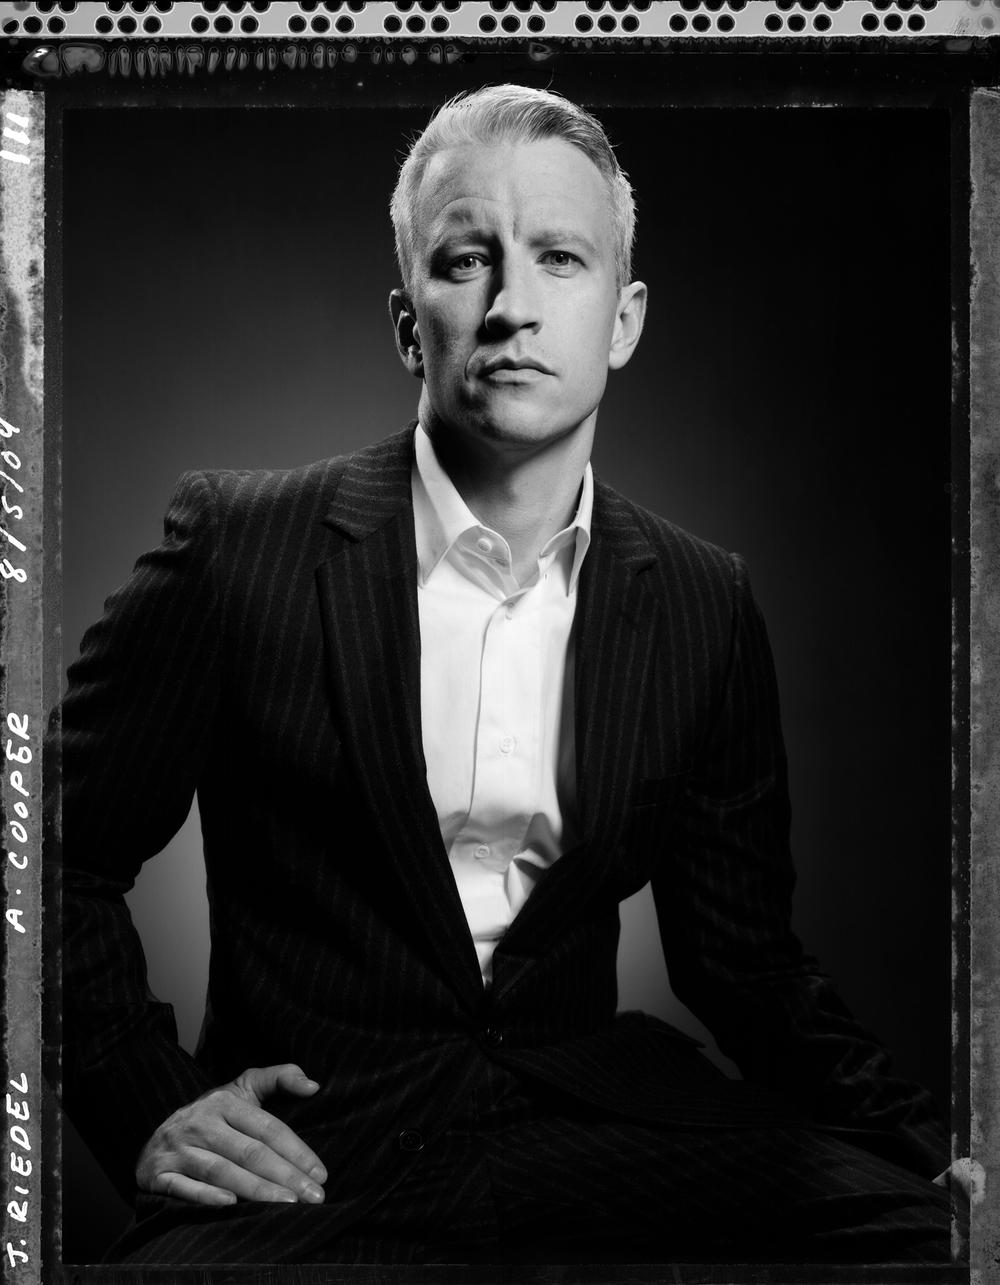 Anderson Cooper é, talvez, o mais influente jornalista e apresentador dos Estados Unidos. Ancora da CNN, Cooper, que hoje completa 47 anos, é idolatrado pela maioria dos americanos. E não só pela sua qualidade e desenvoltura na hora de apresentar, mas também pela sua simplicidade e carisma. Simplicidade que também se reflete no figurino, através de ternos bem cortados e combinações inteligentes. Um exemplo até para quem não ganha a vida na frente das câmeras.